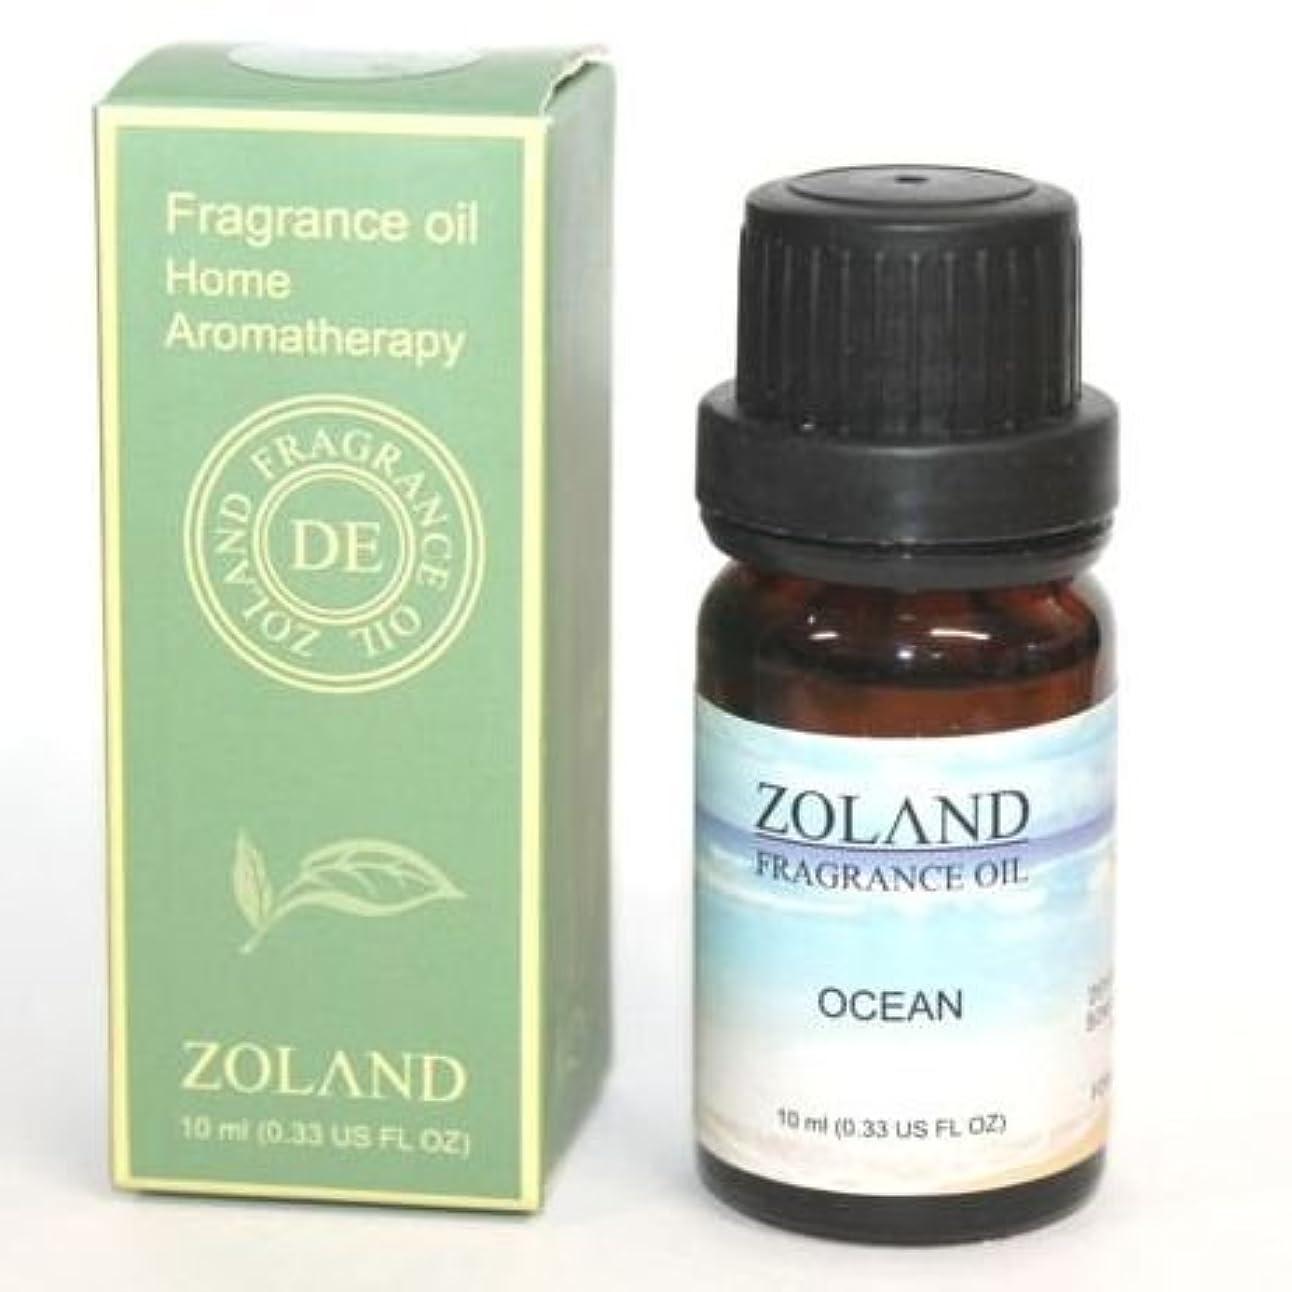 キャプテンブライ流用するマンモスZOLAND アロマオイル AROMA OIL フレグランスオイル OCEAN オーシャン 海の香り ZQ-6